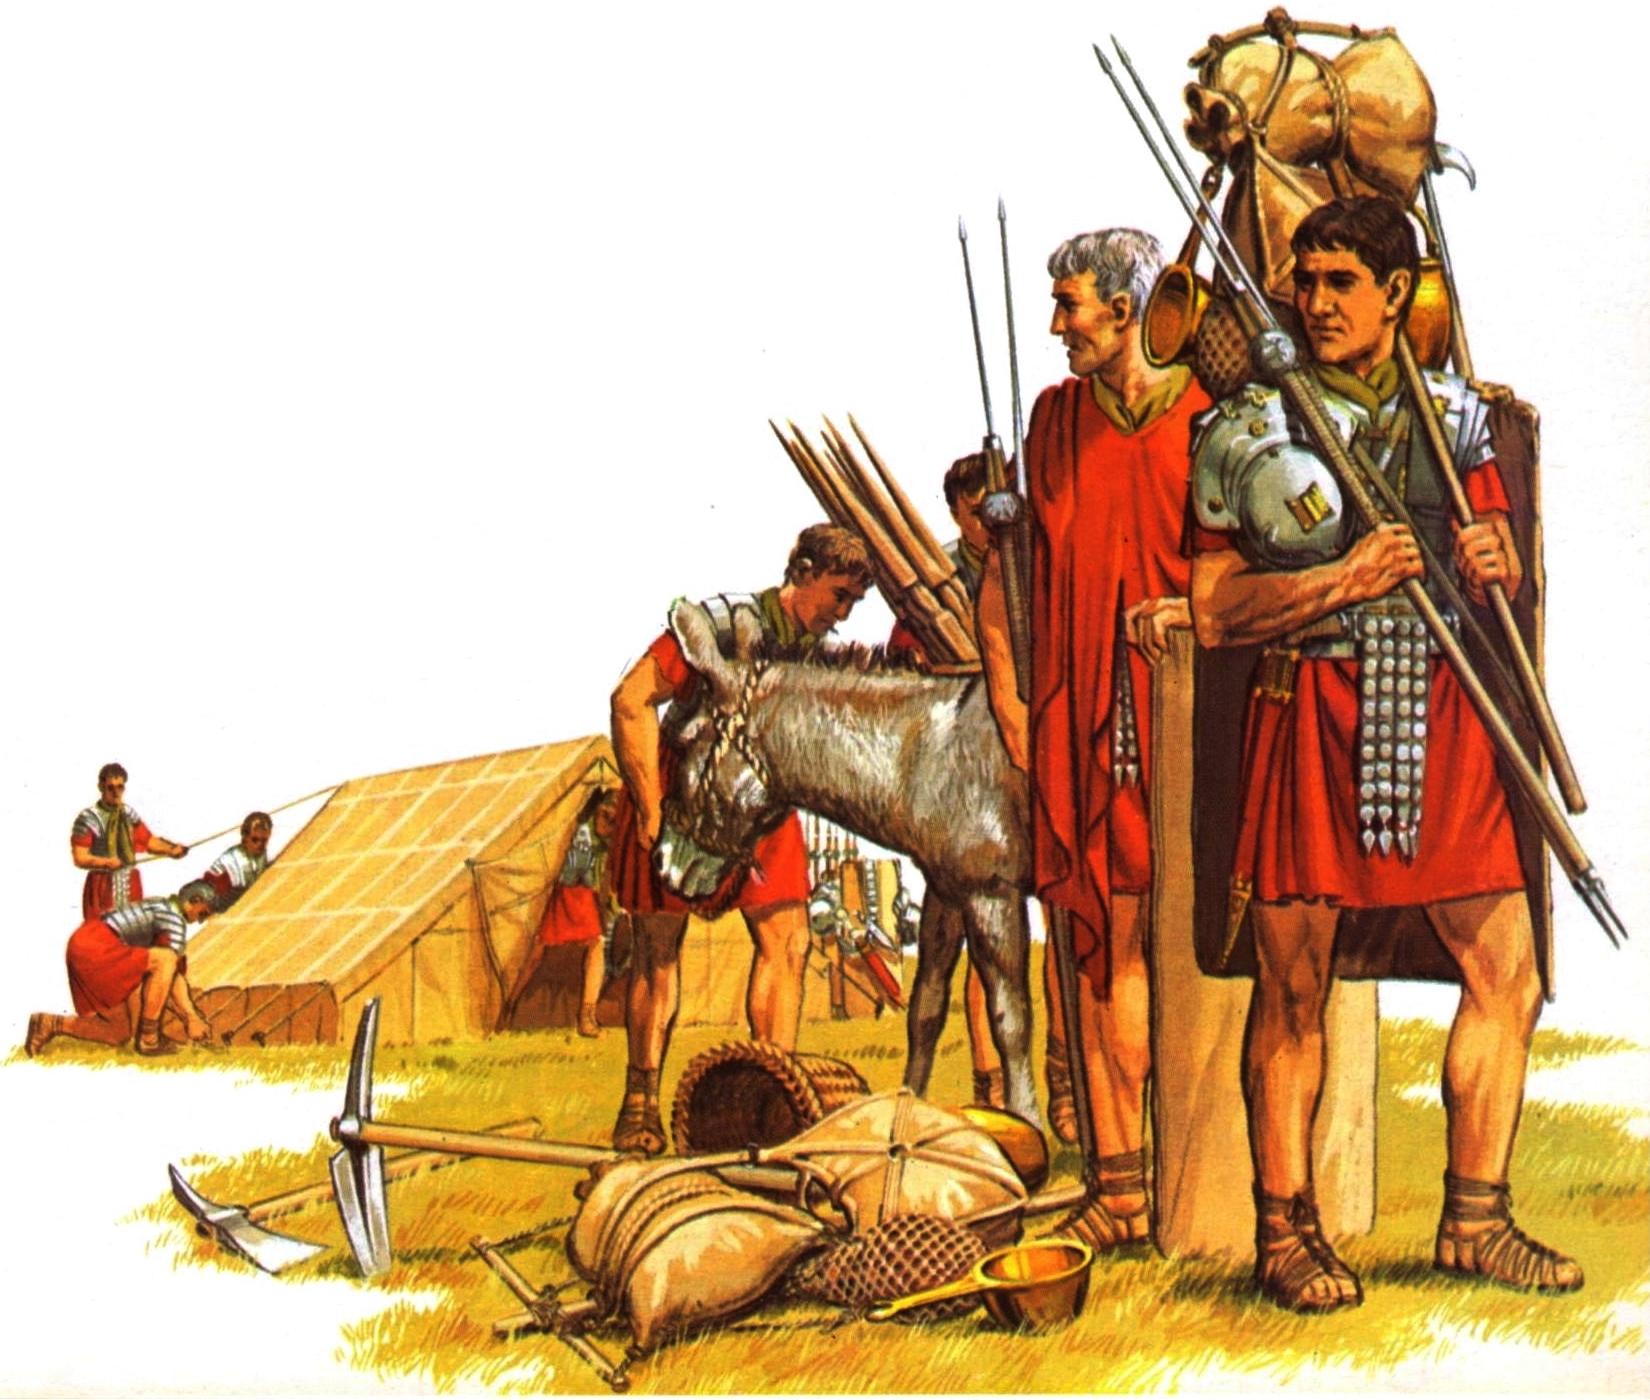 Contubernio romano demontando su tienda para iniciar la marcha. Autor Peter Connlly